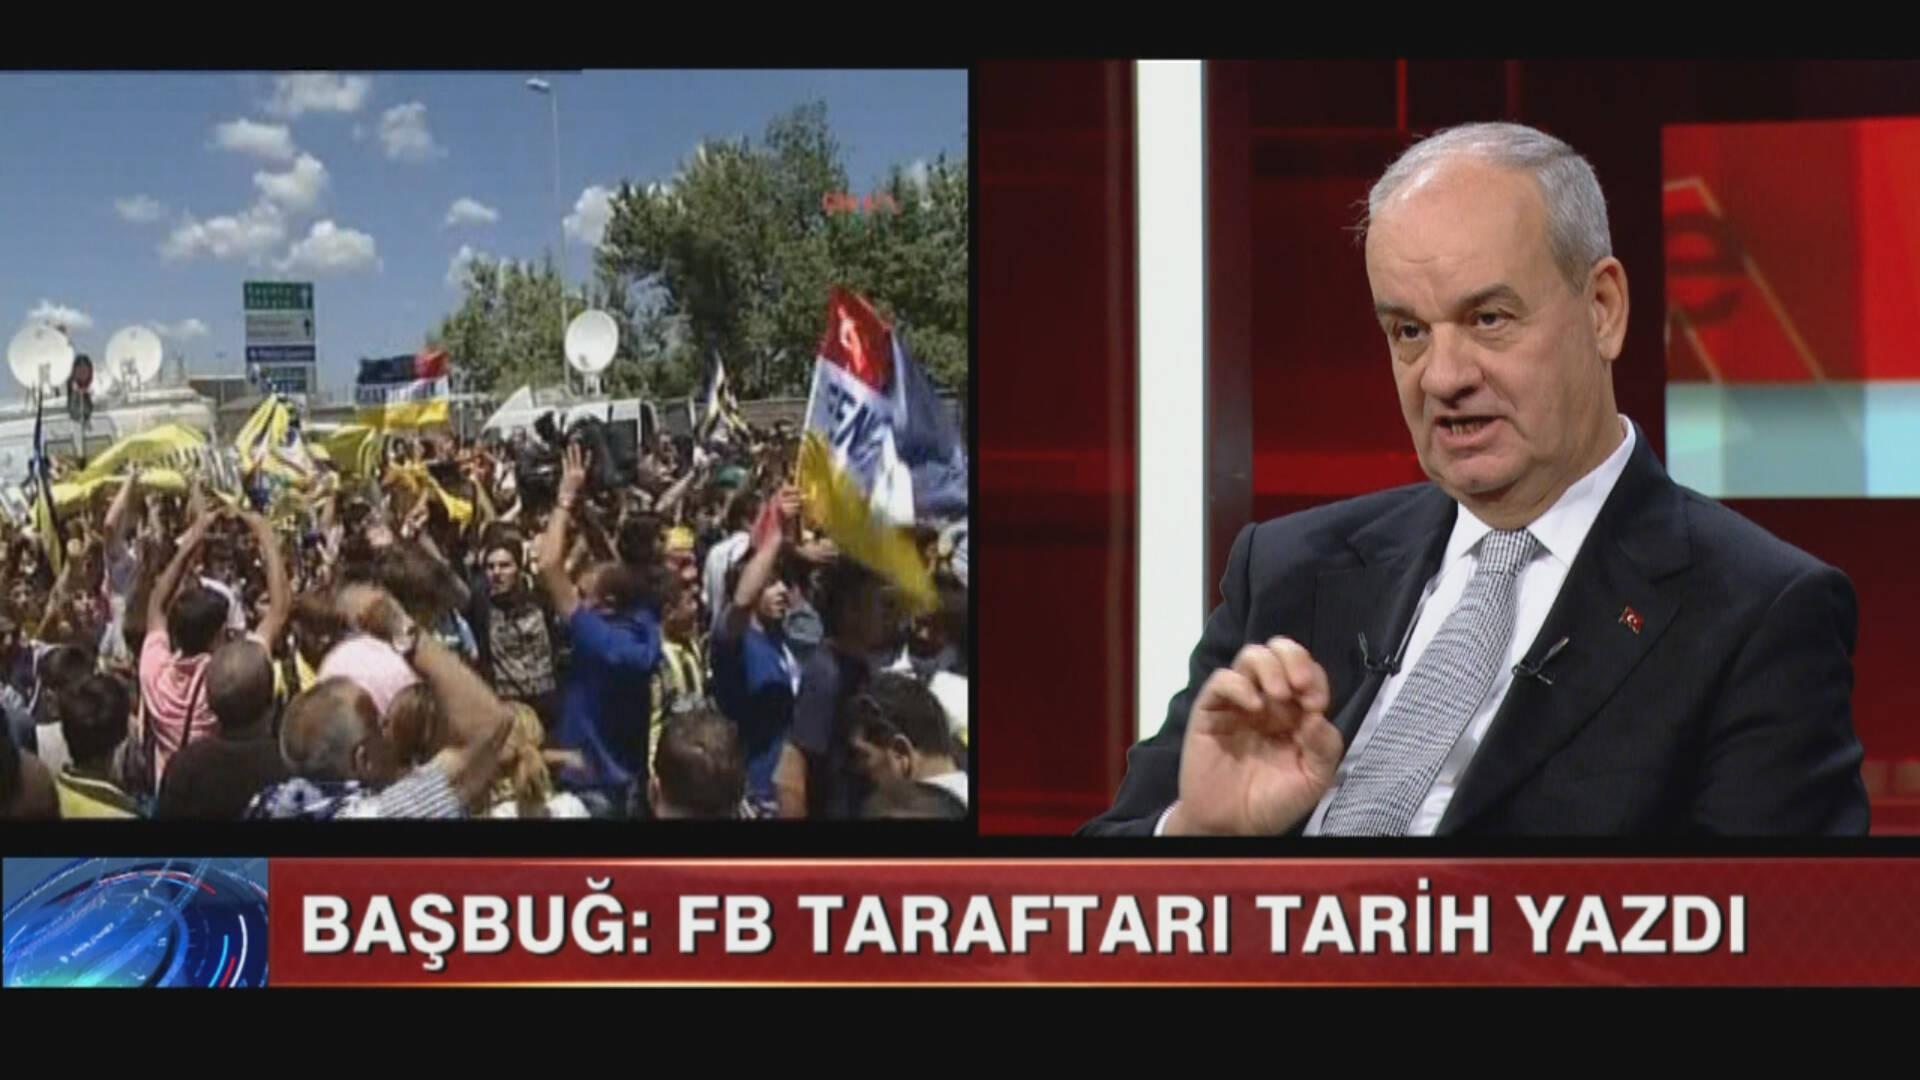 Fenerbahçe Taraftarı tarih yazdı!